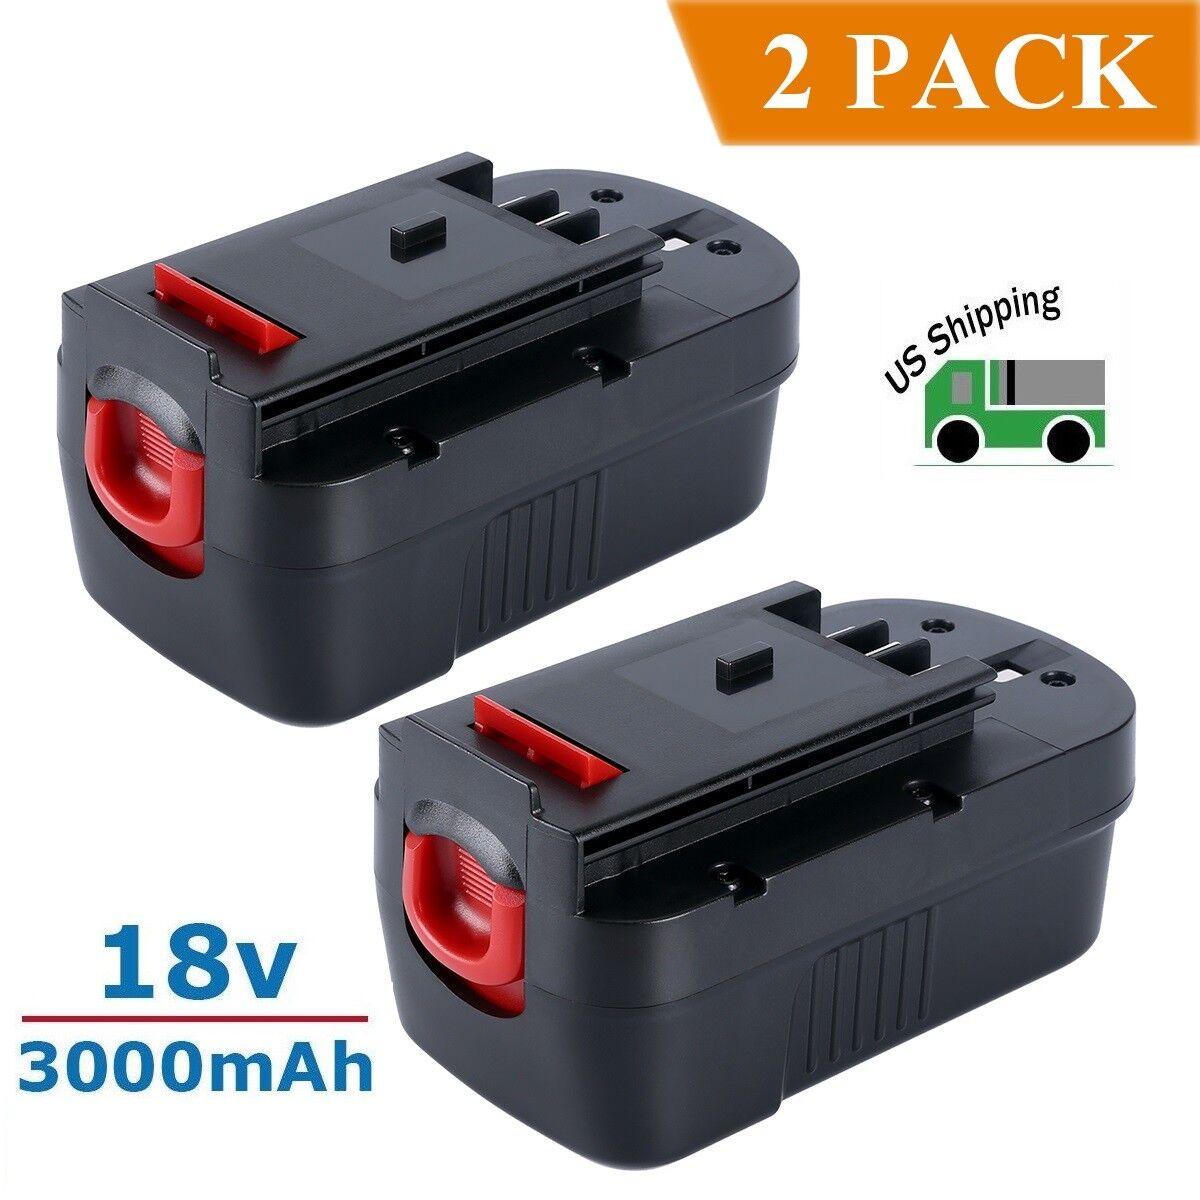 2 Pack New 18V 3000mAh NI-CD Battery for Black & Decker HPB1